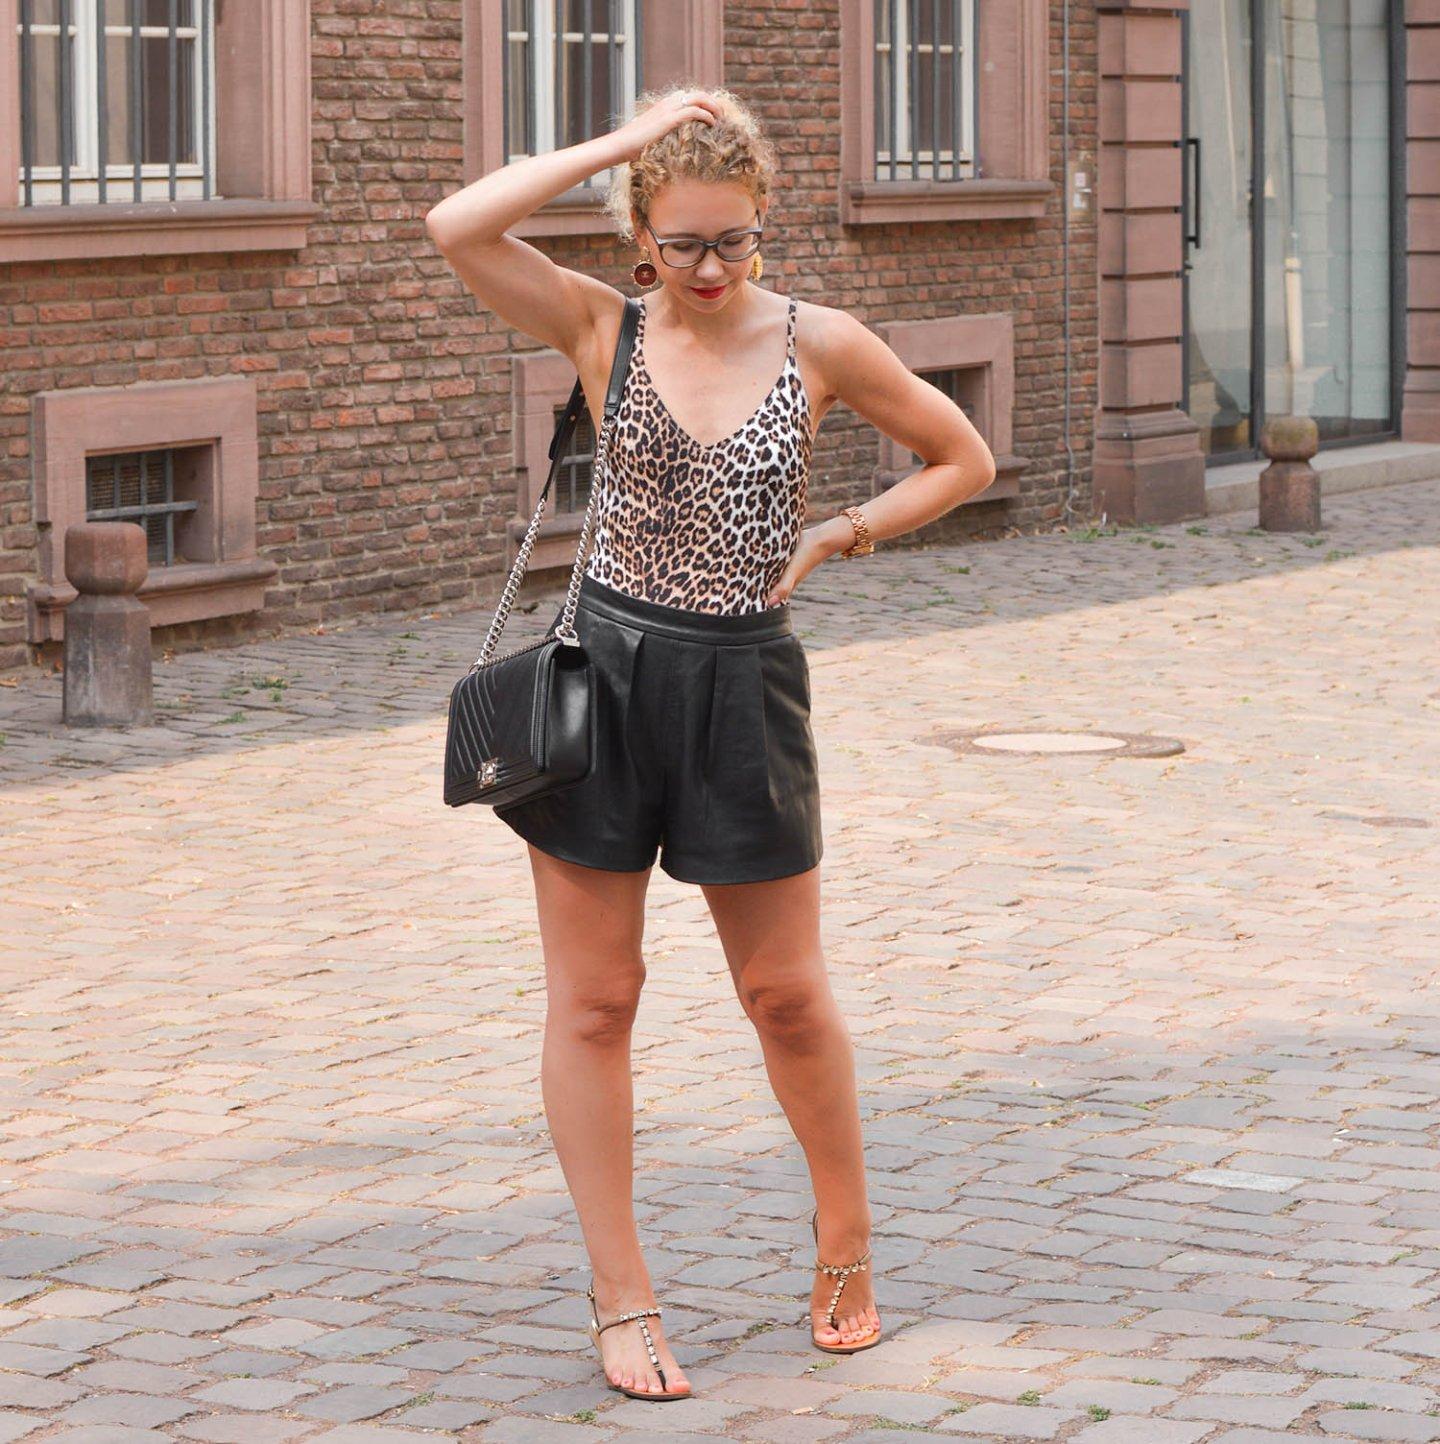 Hitzefrei-Outfit für die City - Leo-Badeanzug, Ledershorts